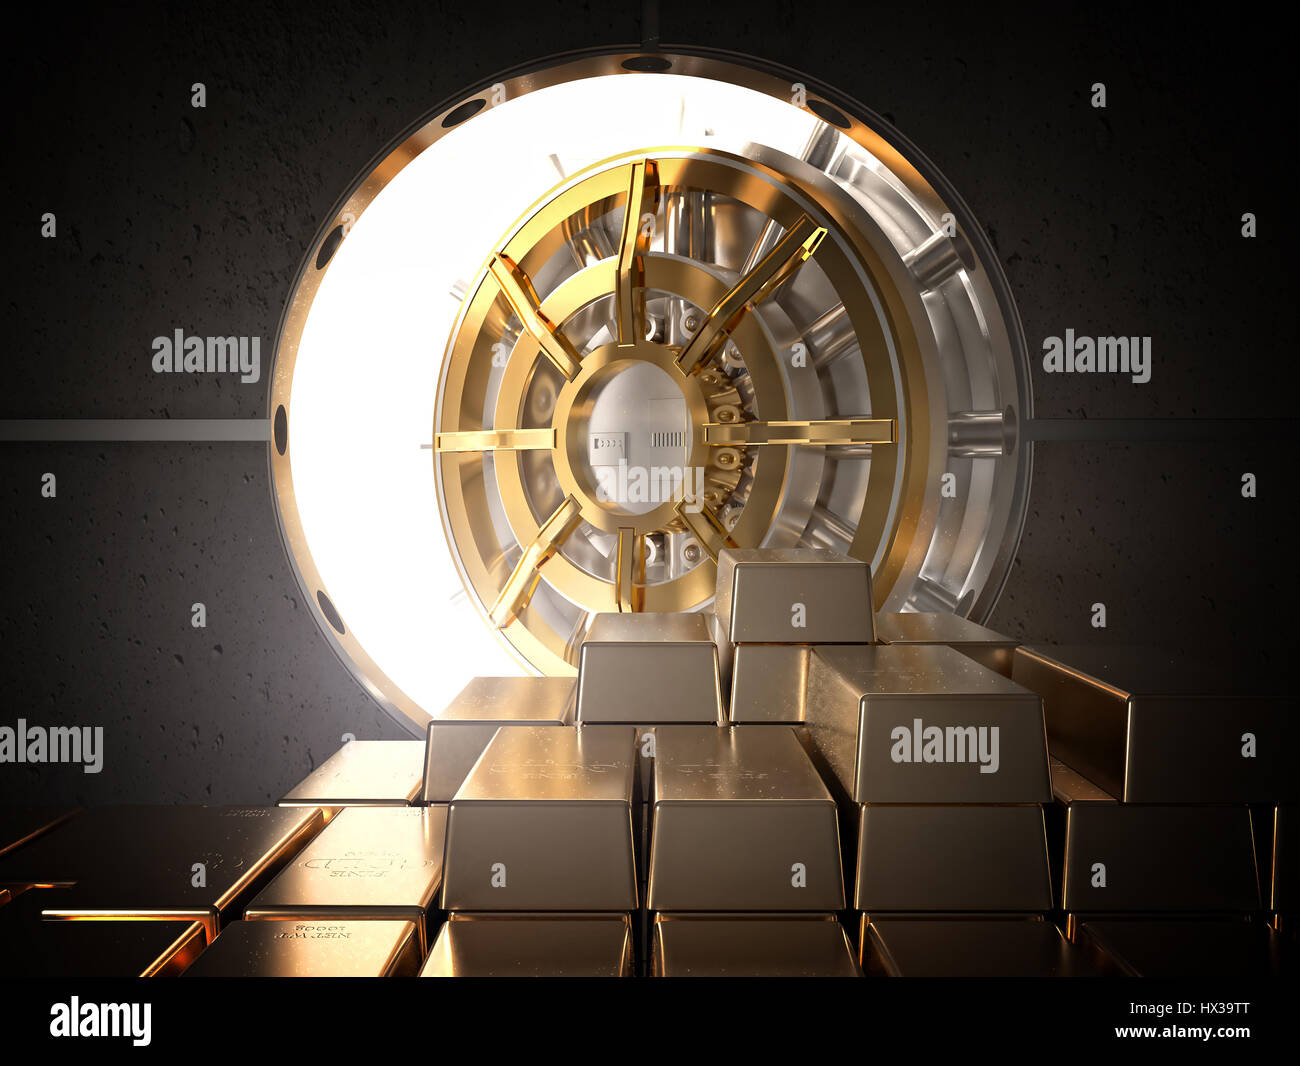 open vault and golden ingot 3d rendering image - Stock Image